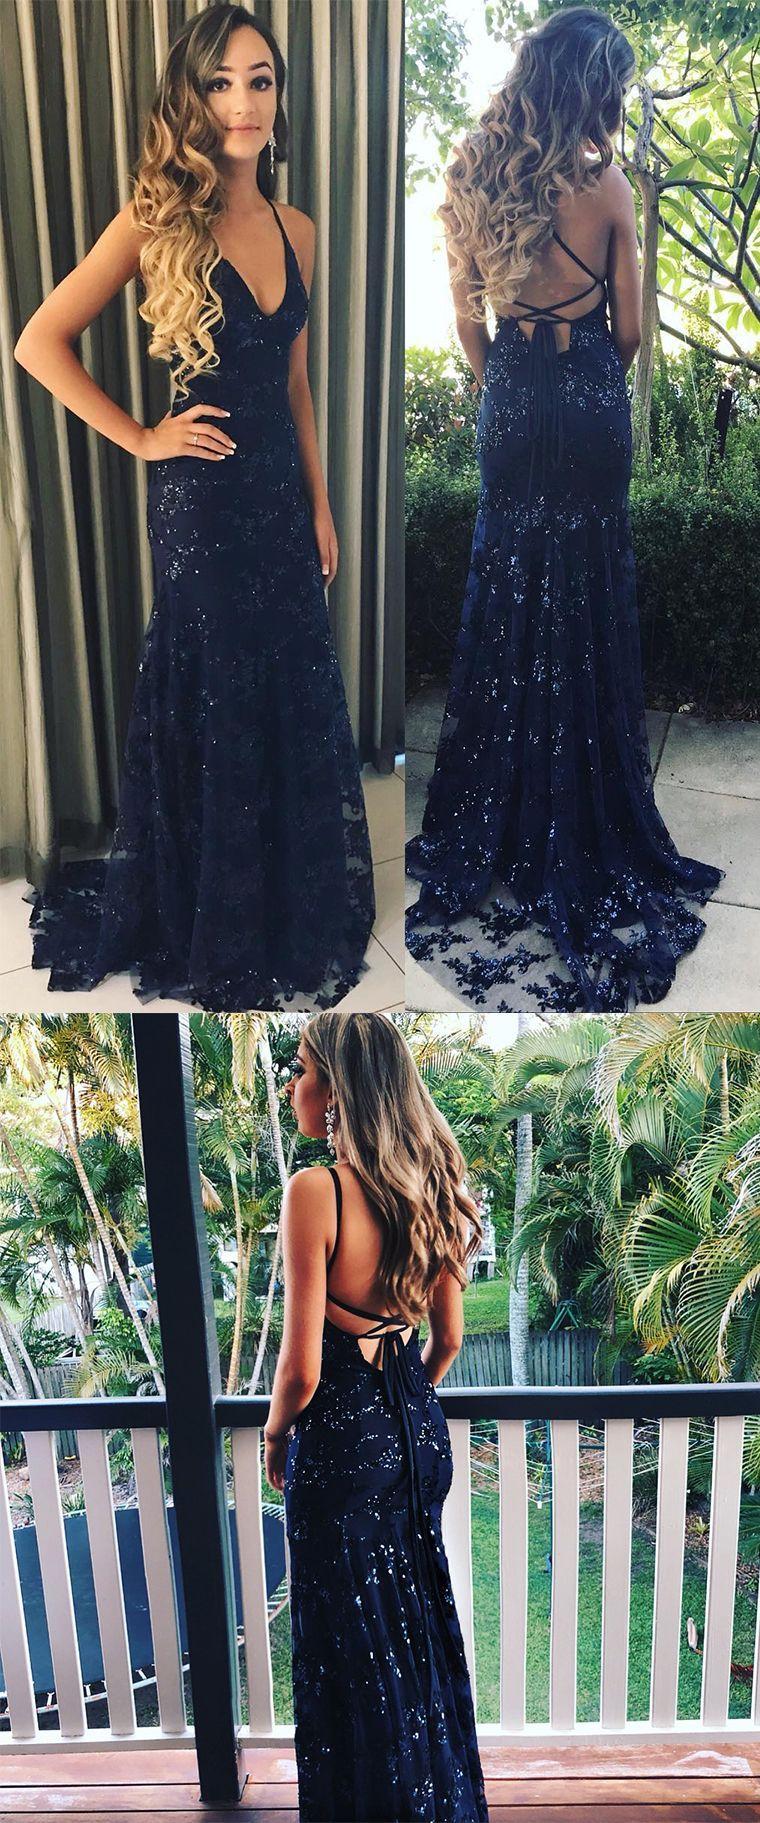 Elegant prom dressesstraps prom dressnavy blue prom gownmermaid